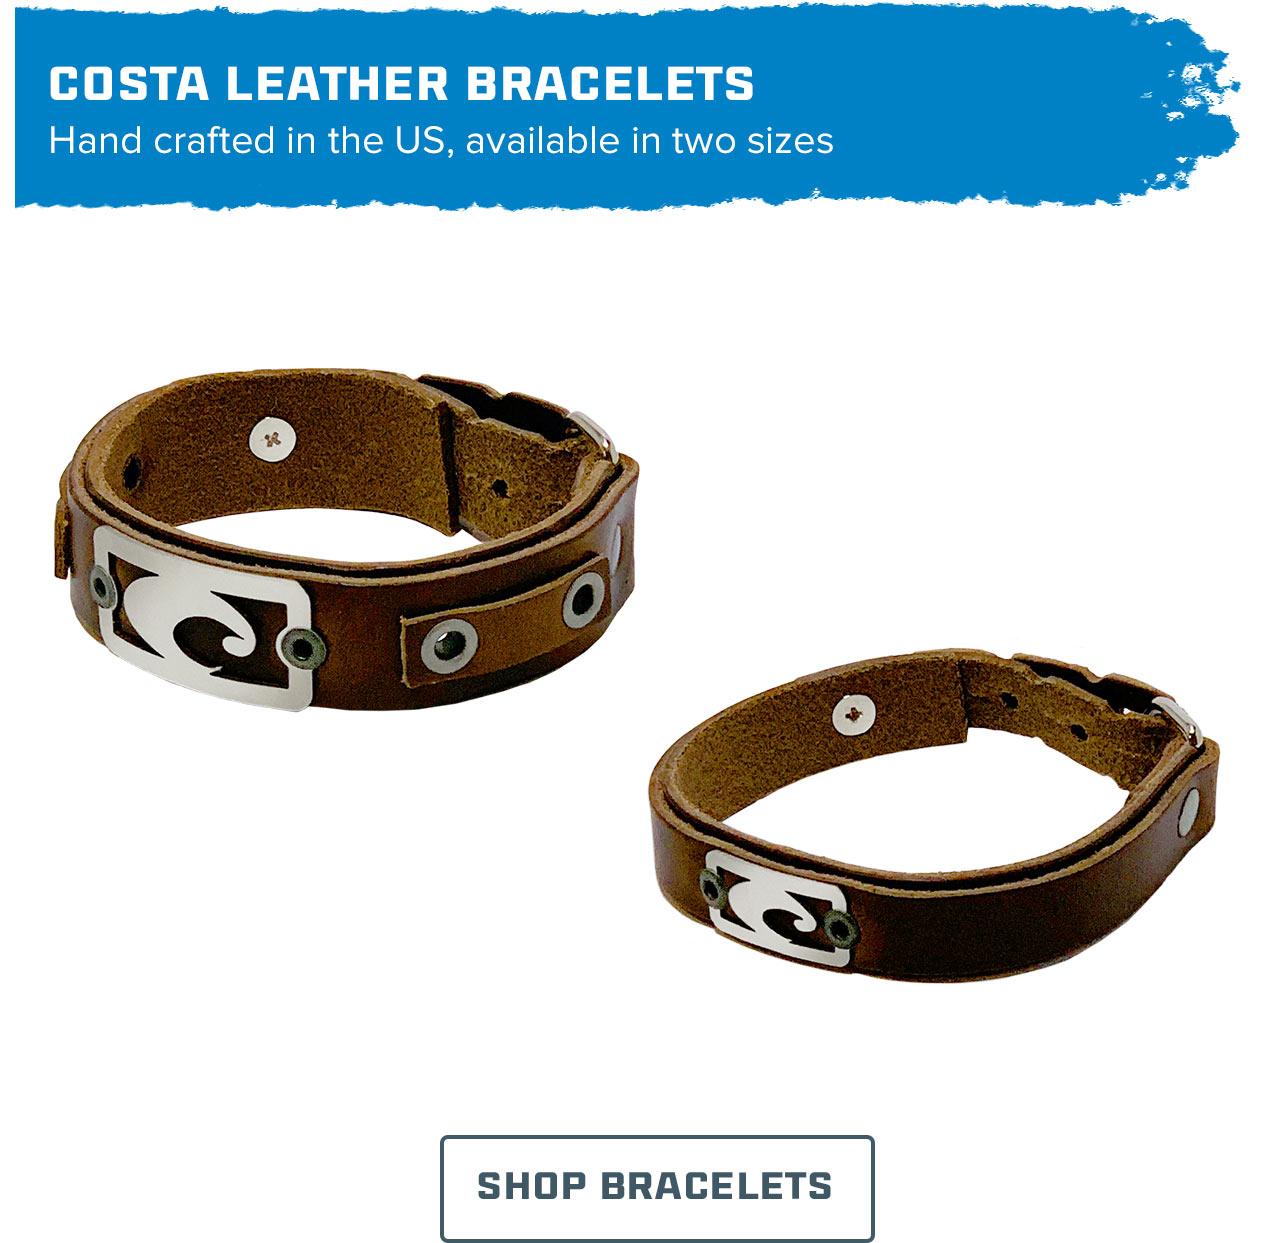 Costa Leather Bracelets